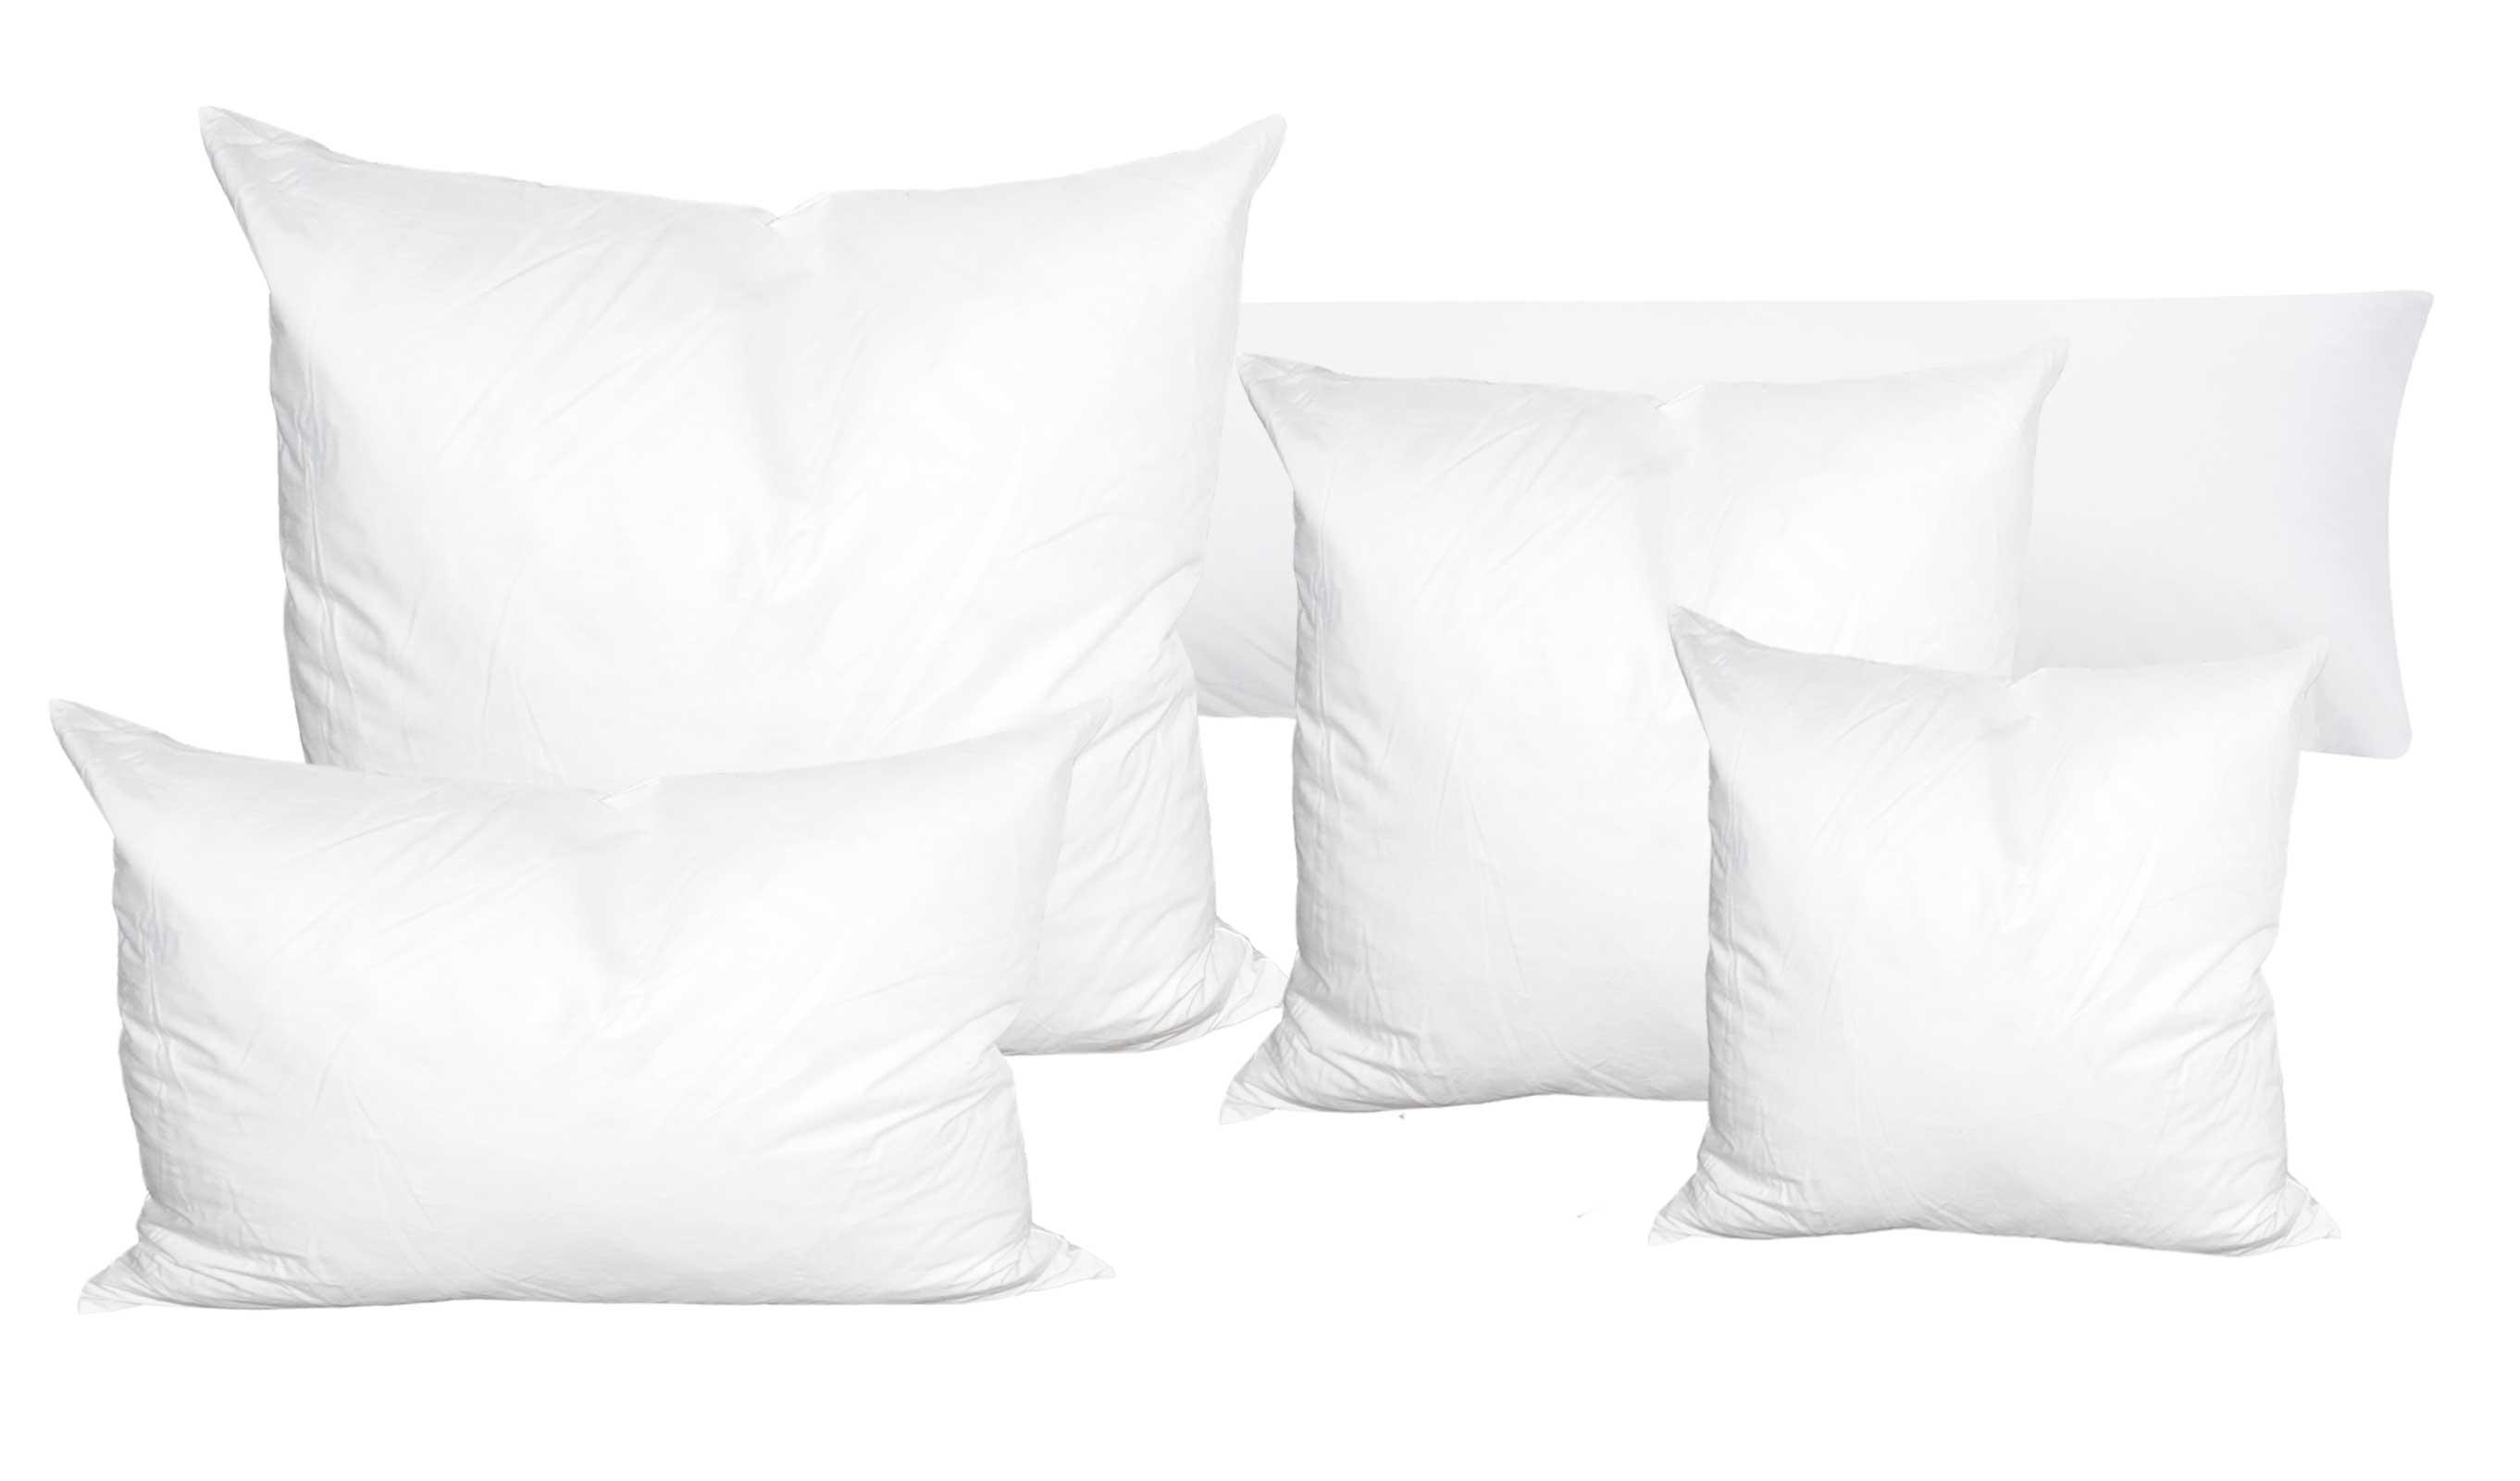 Bettdecken und Kopfkissen - MOON Future HighEnd Kissen daunenweich Ultrasoft Kopfkissen Seitenschläferkissen  - Onlineshop PremiumShop321